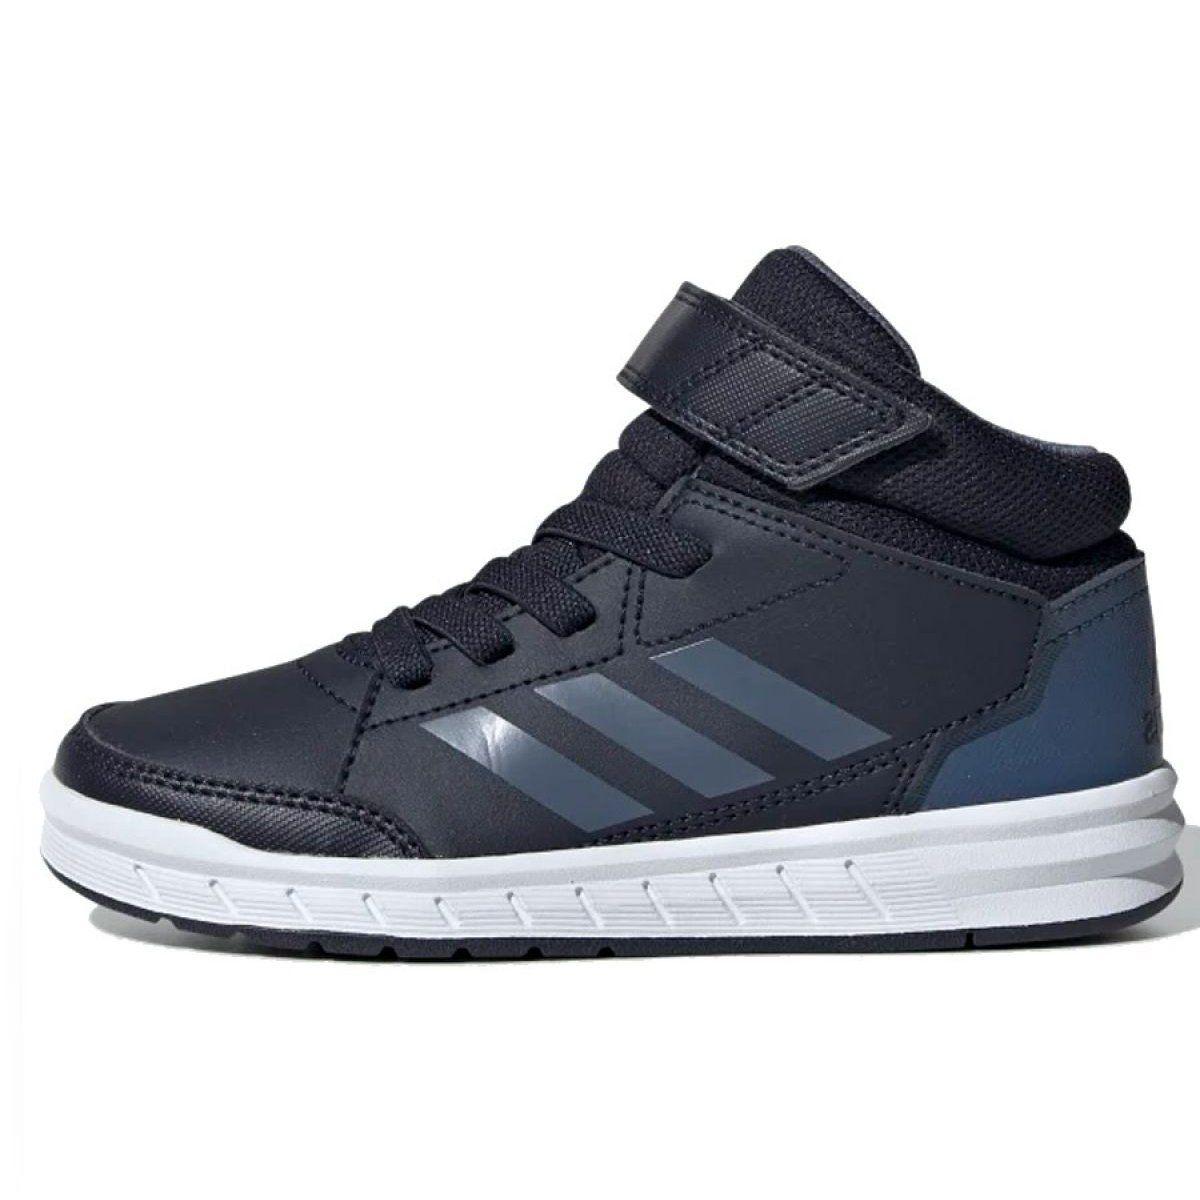 Buty Adidas Alkta Sport Mid Jr G27120 Granatowe Adidas High Top Sneakers Top Sneakers